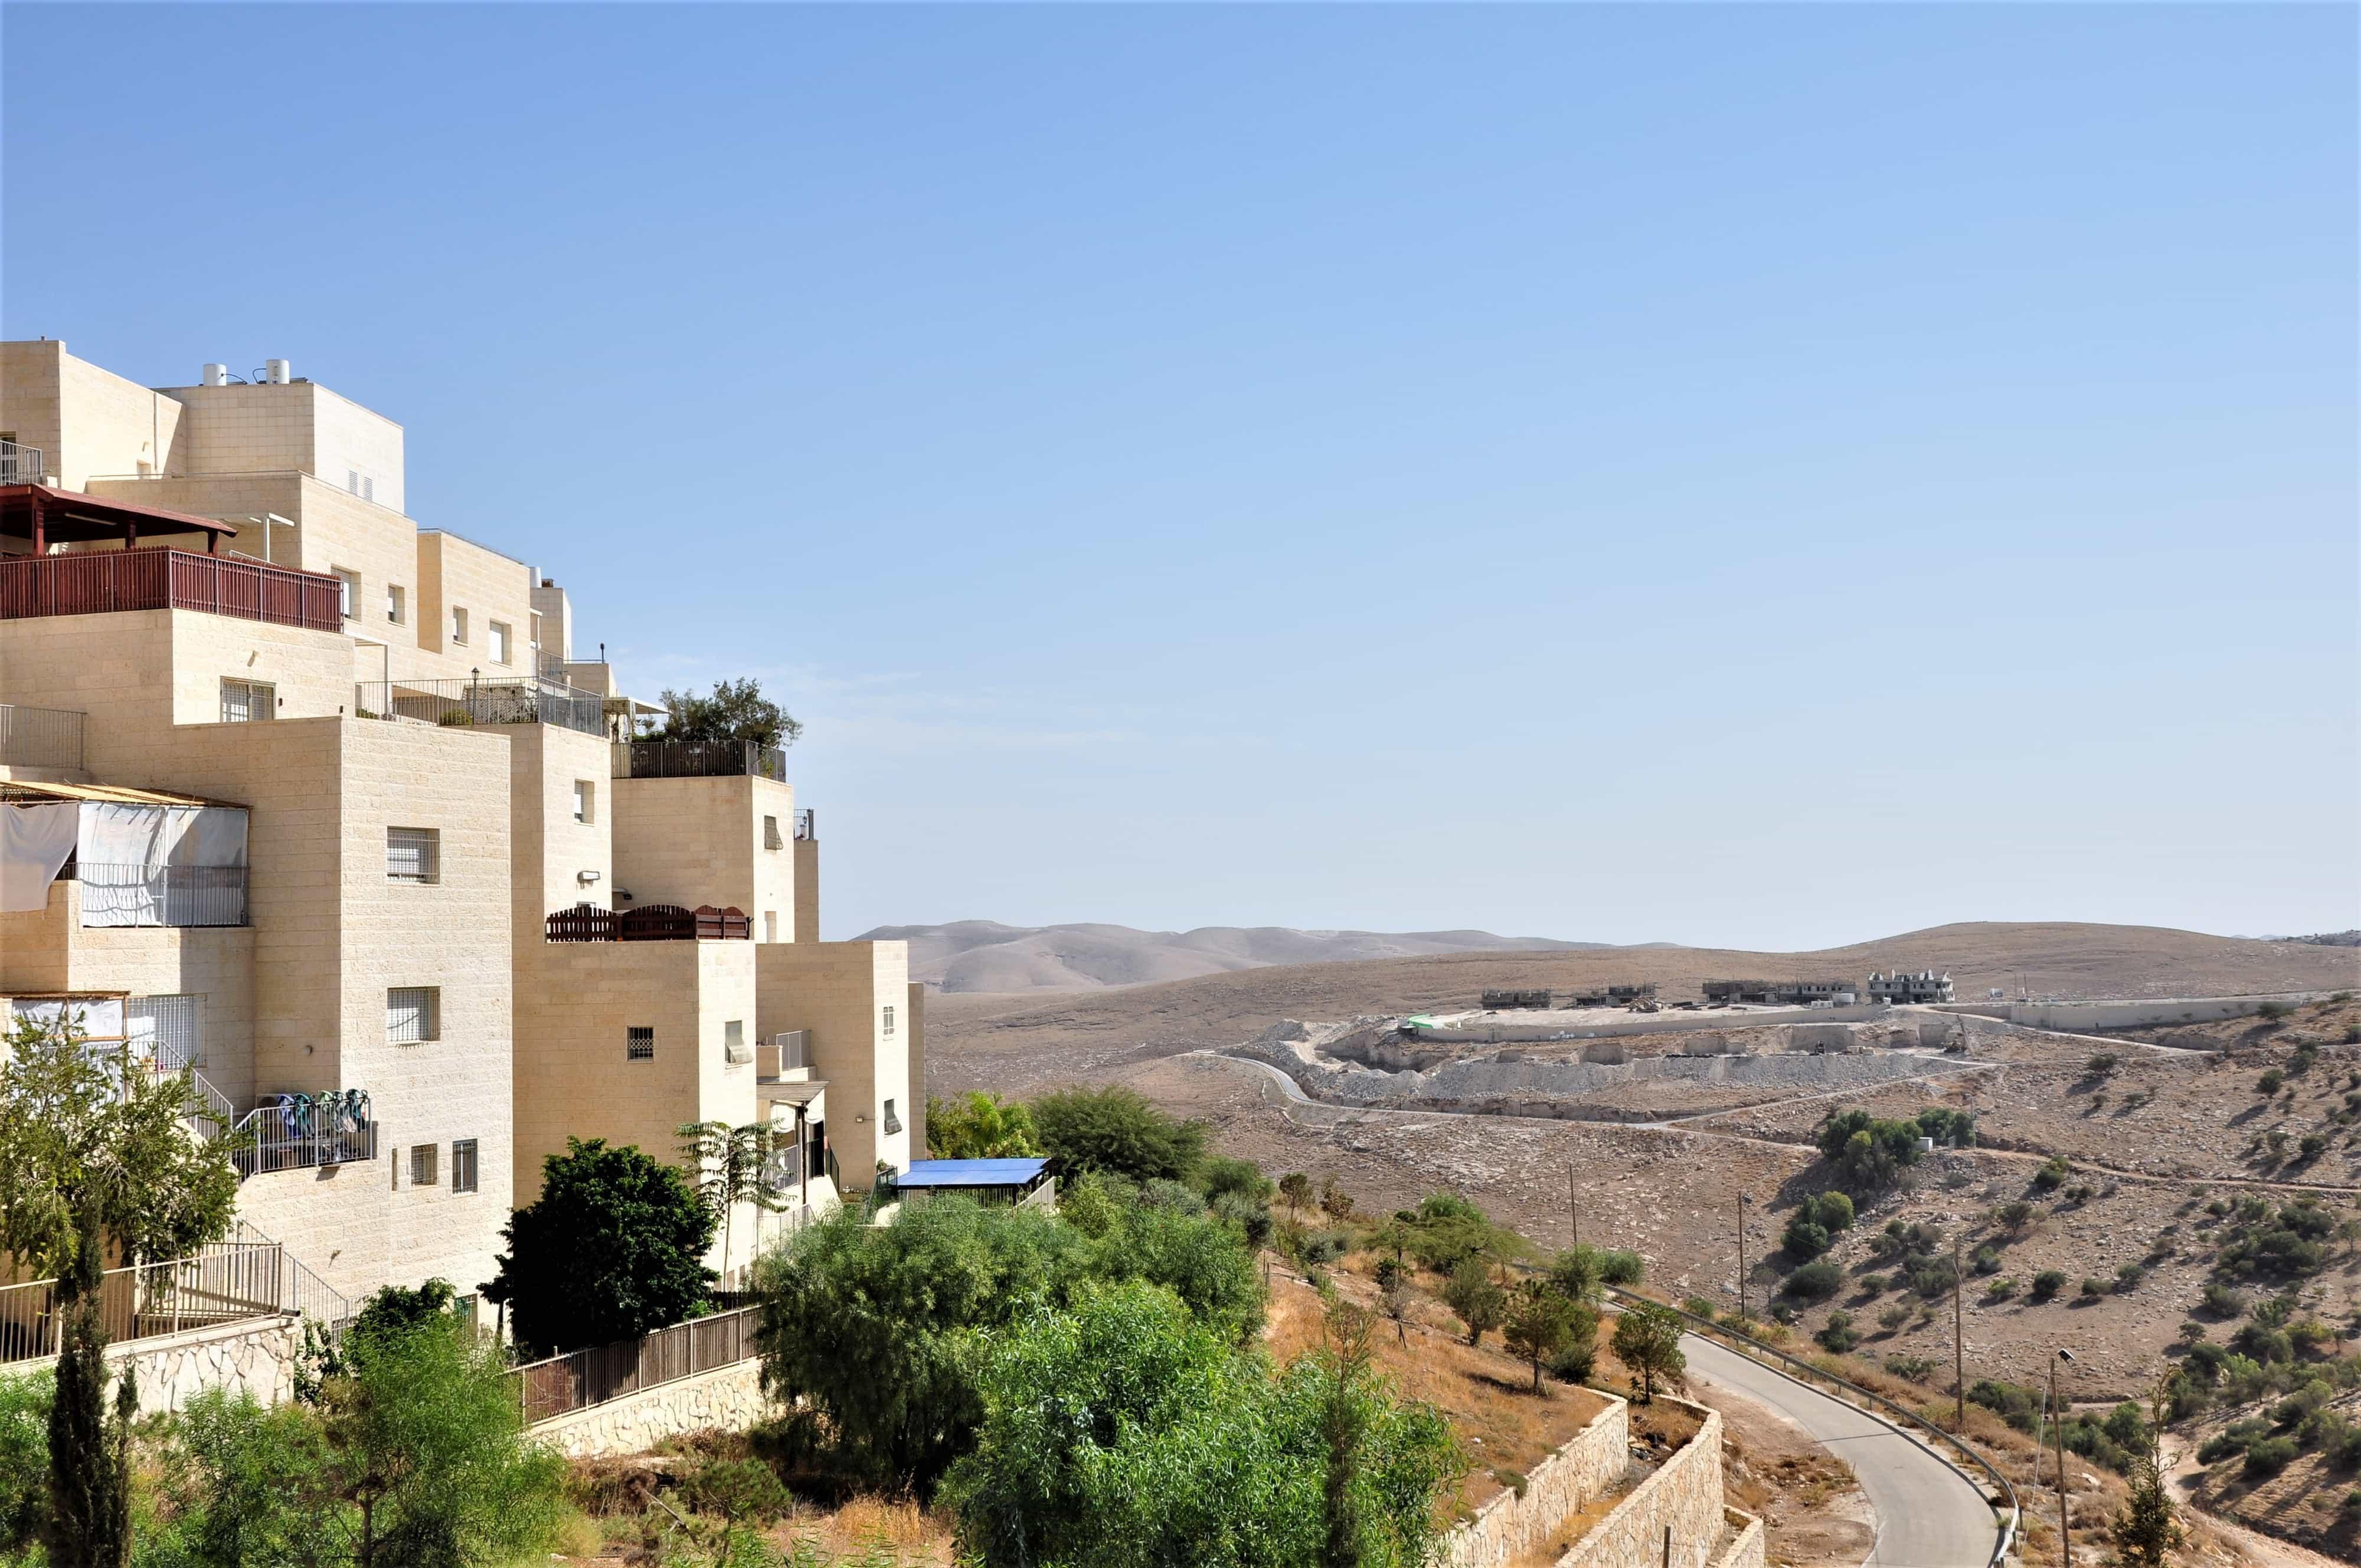 PKA Pension investerer 102 millioner kroner i israelske banker, der finansierer ulovlige bosættelser